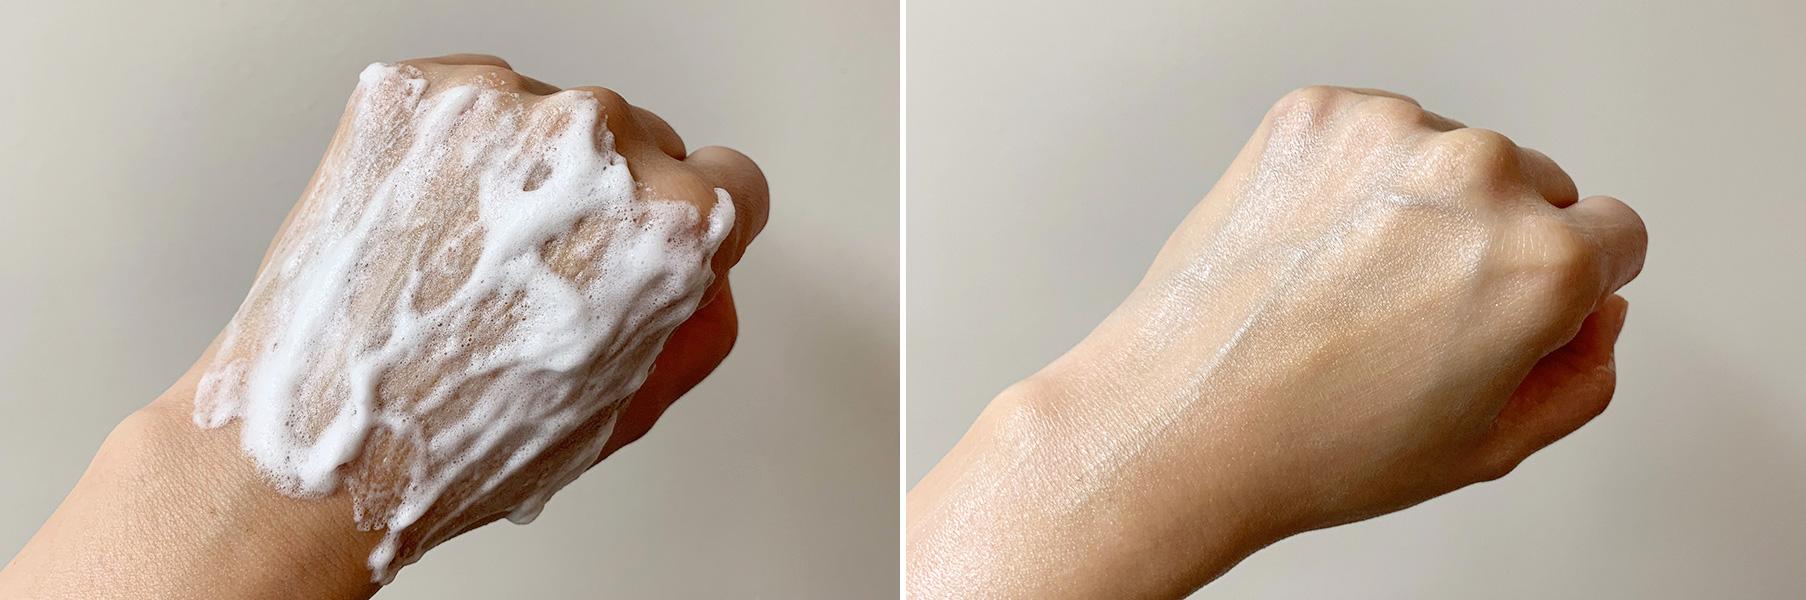 左は塗布後3分。なじませて浸透したあとは右のようなツヤ感が持続します。